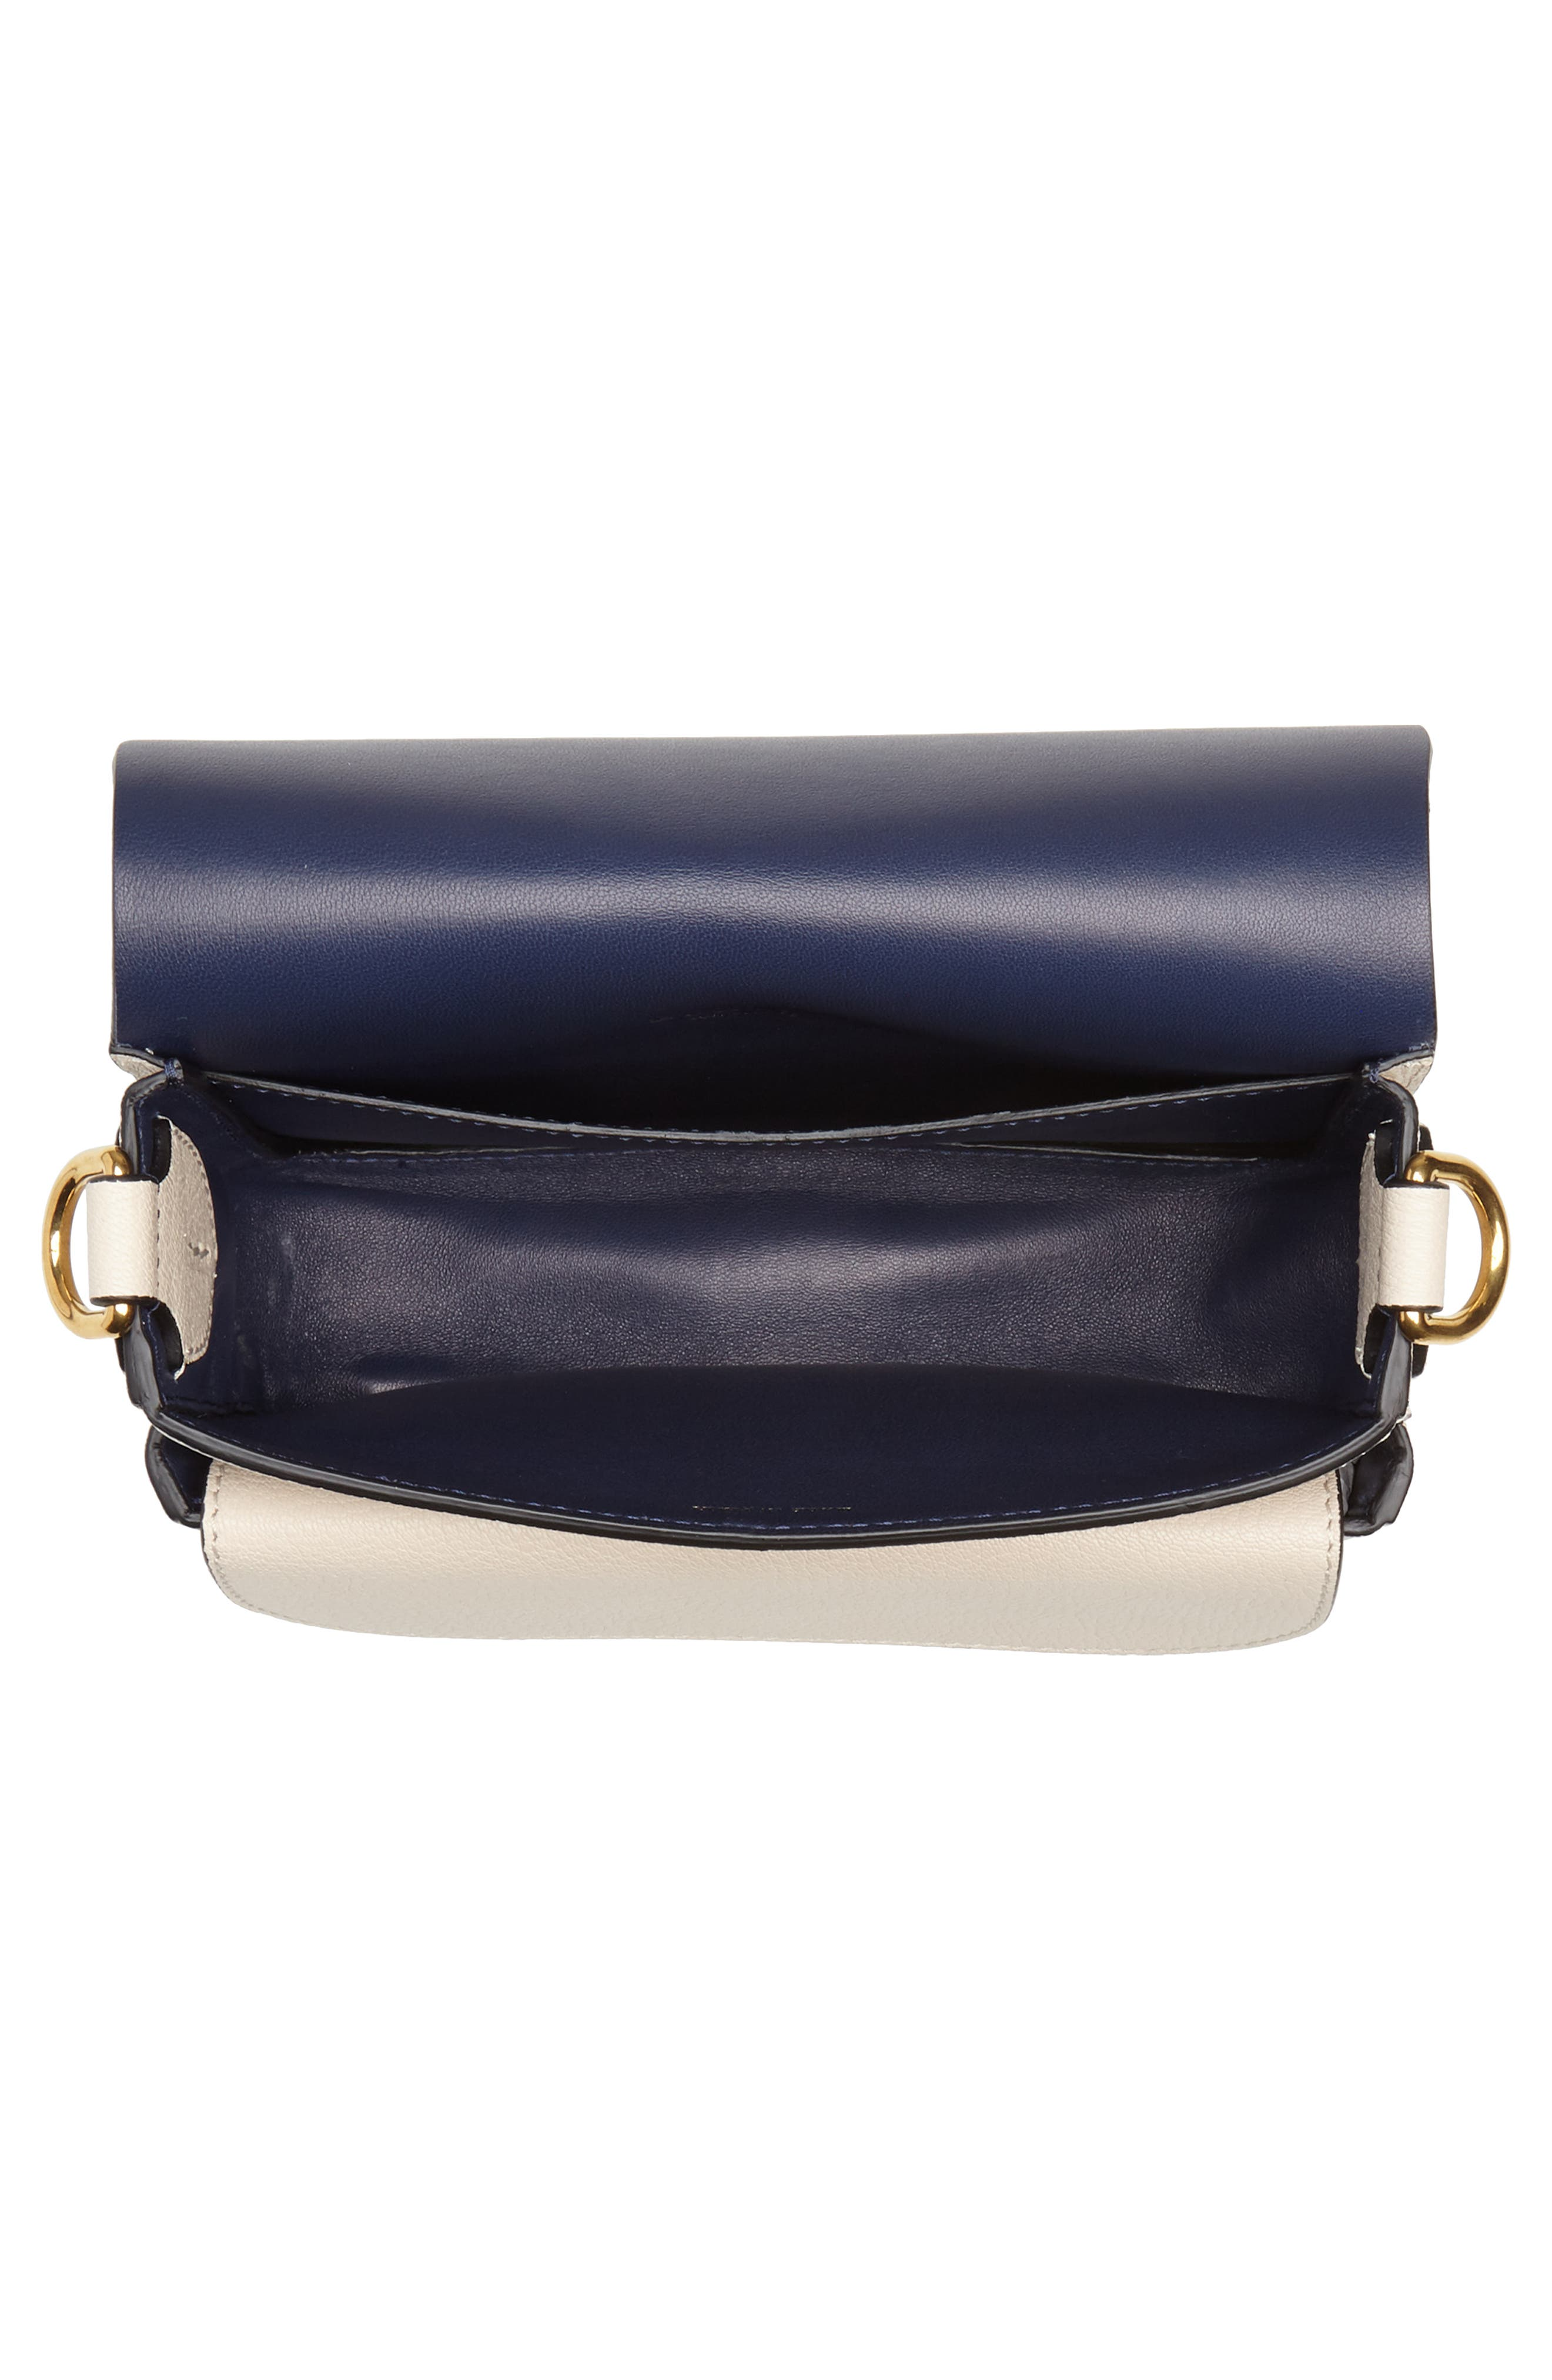 Square Leather Shoulder Bag,                             Alternate thumbnail 4, color,                             250